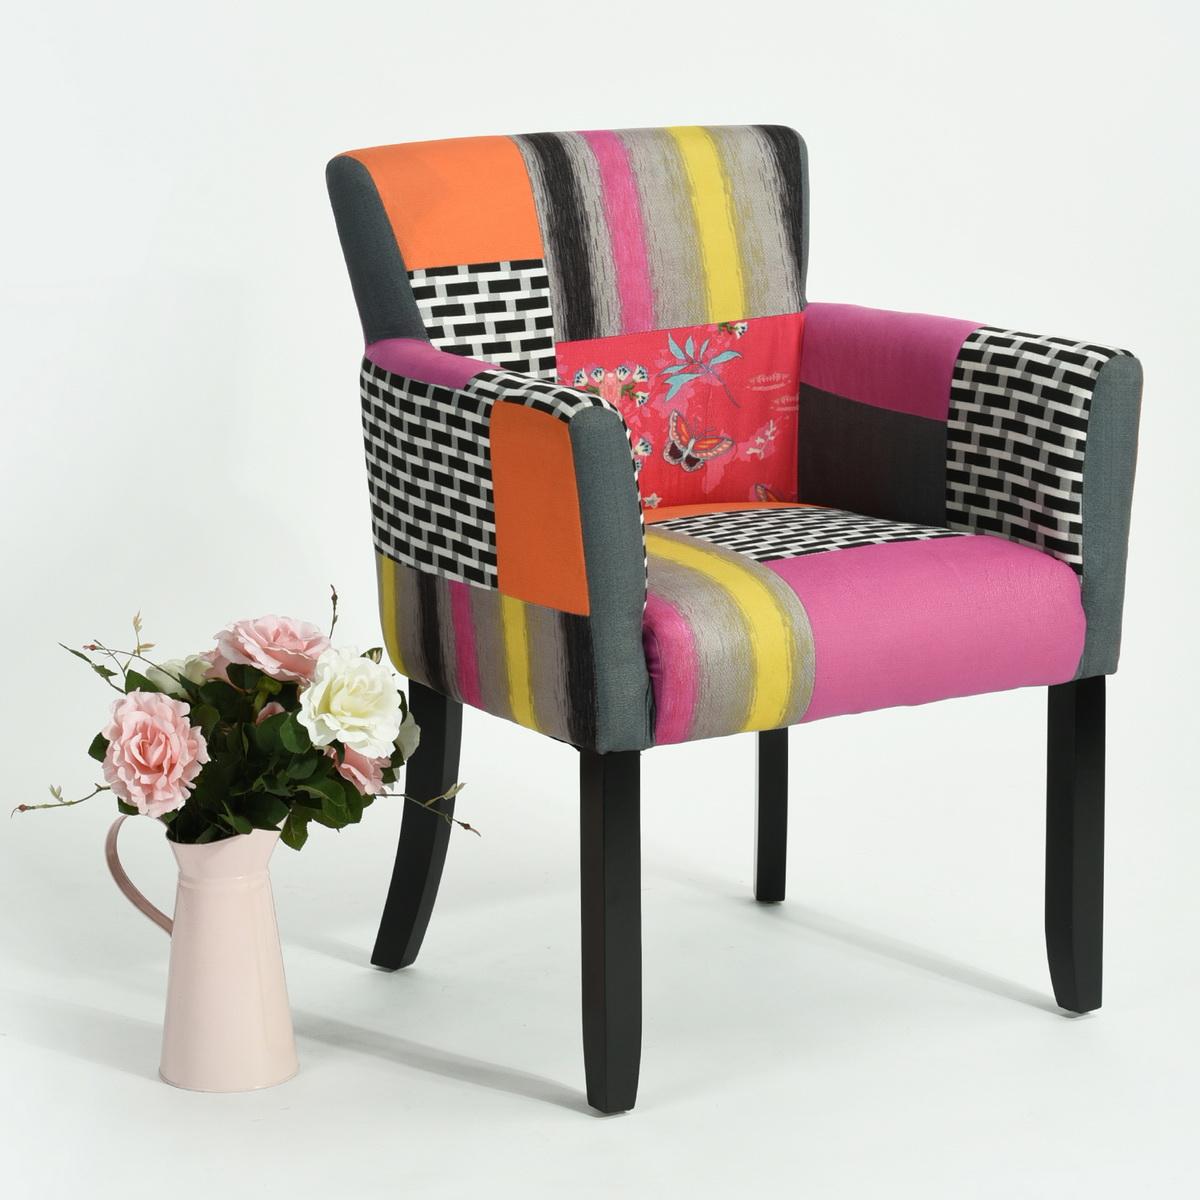 Fauteuil Club Chaise Séjour Design Moderne Patchwork Multicolore - Fauteuil multicolore design